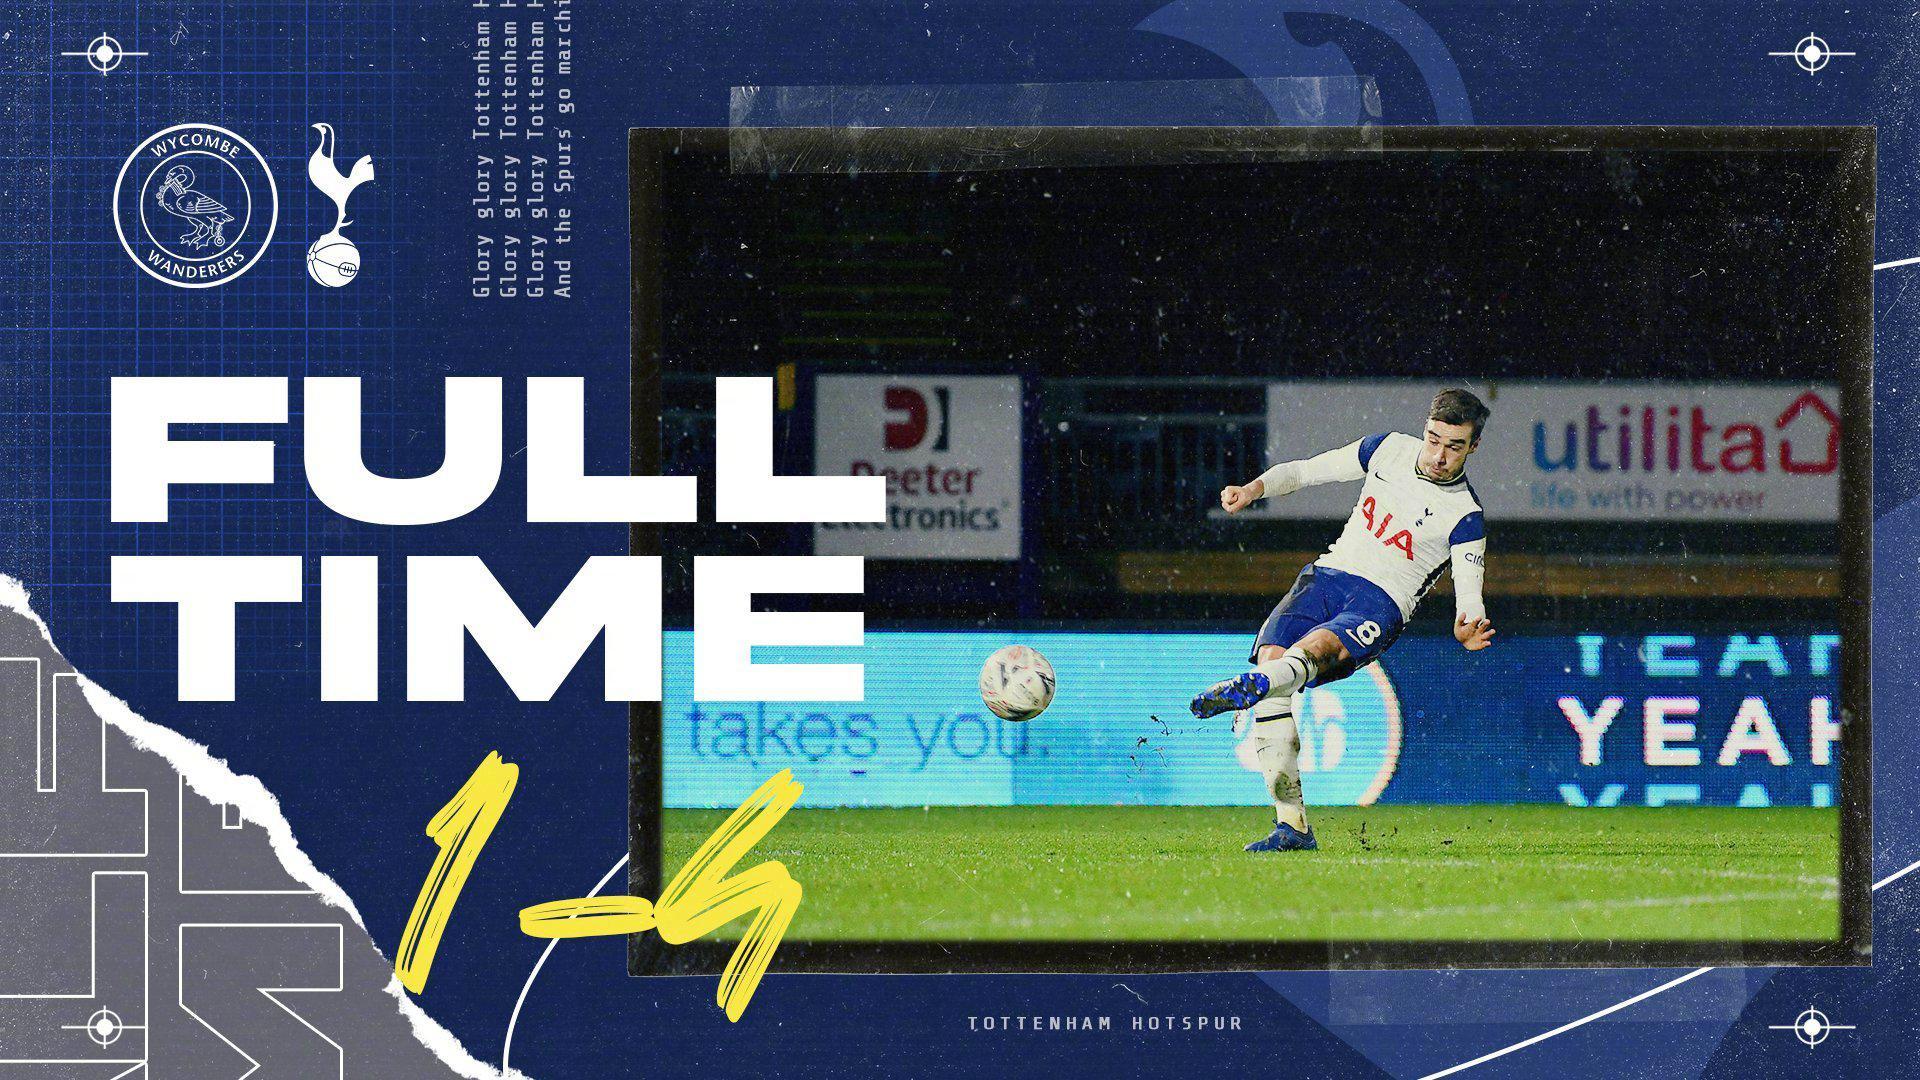 英格兰足总杯第4轮比赛中,热刺客场4-1击败韦康比流浪者……